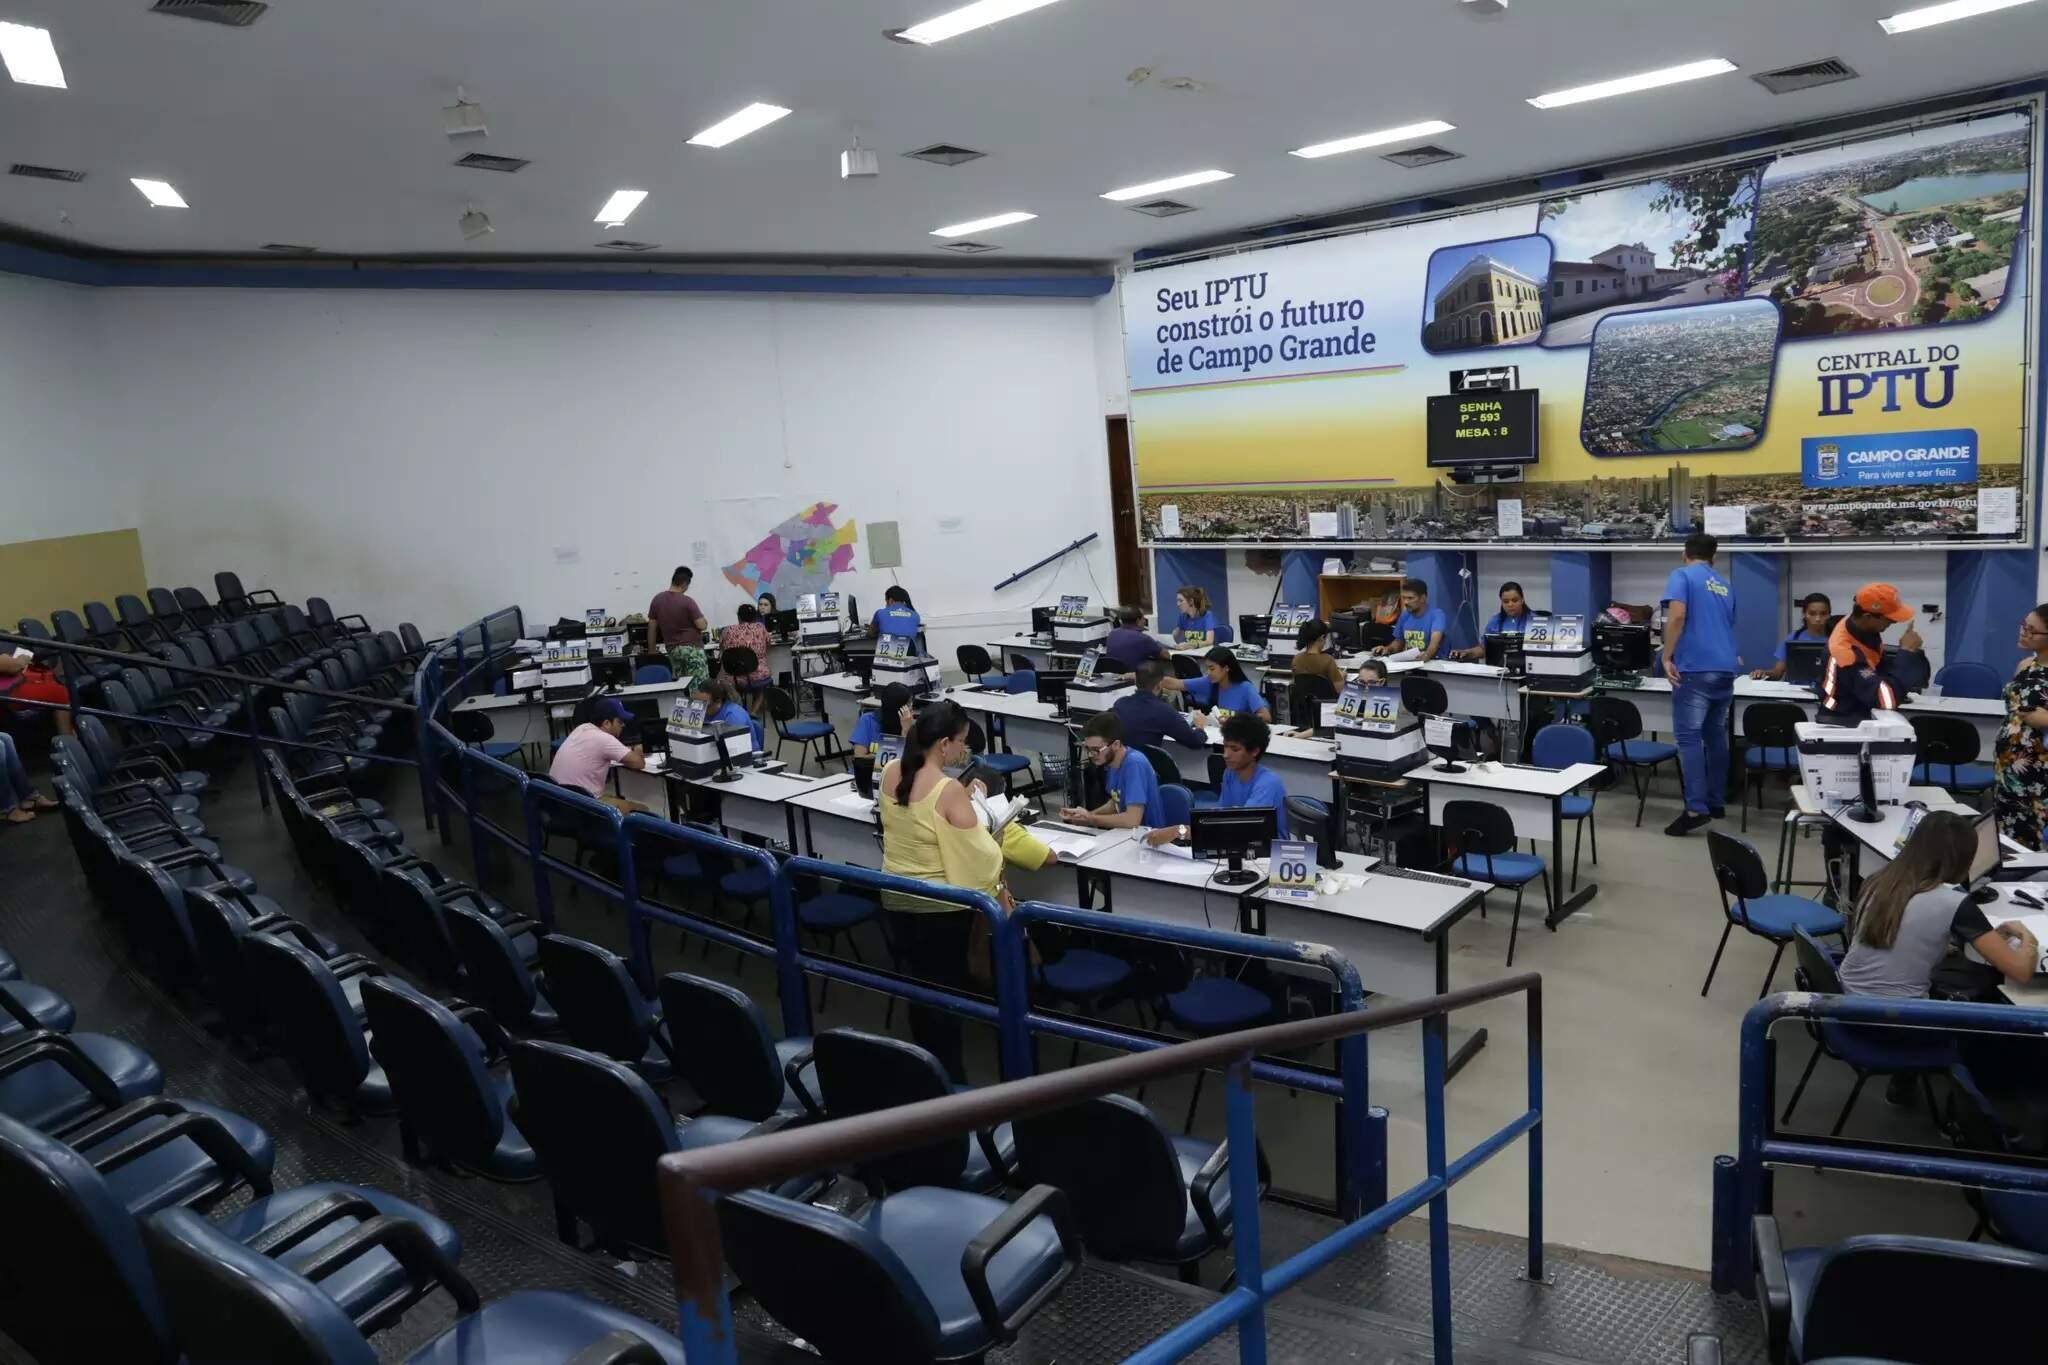 Central do IPTU, no anexo do Paço Municipal de Campo Grande (Foto: Kisie Ainoã - Arquivo)